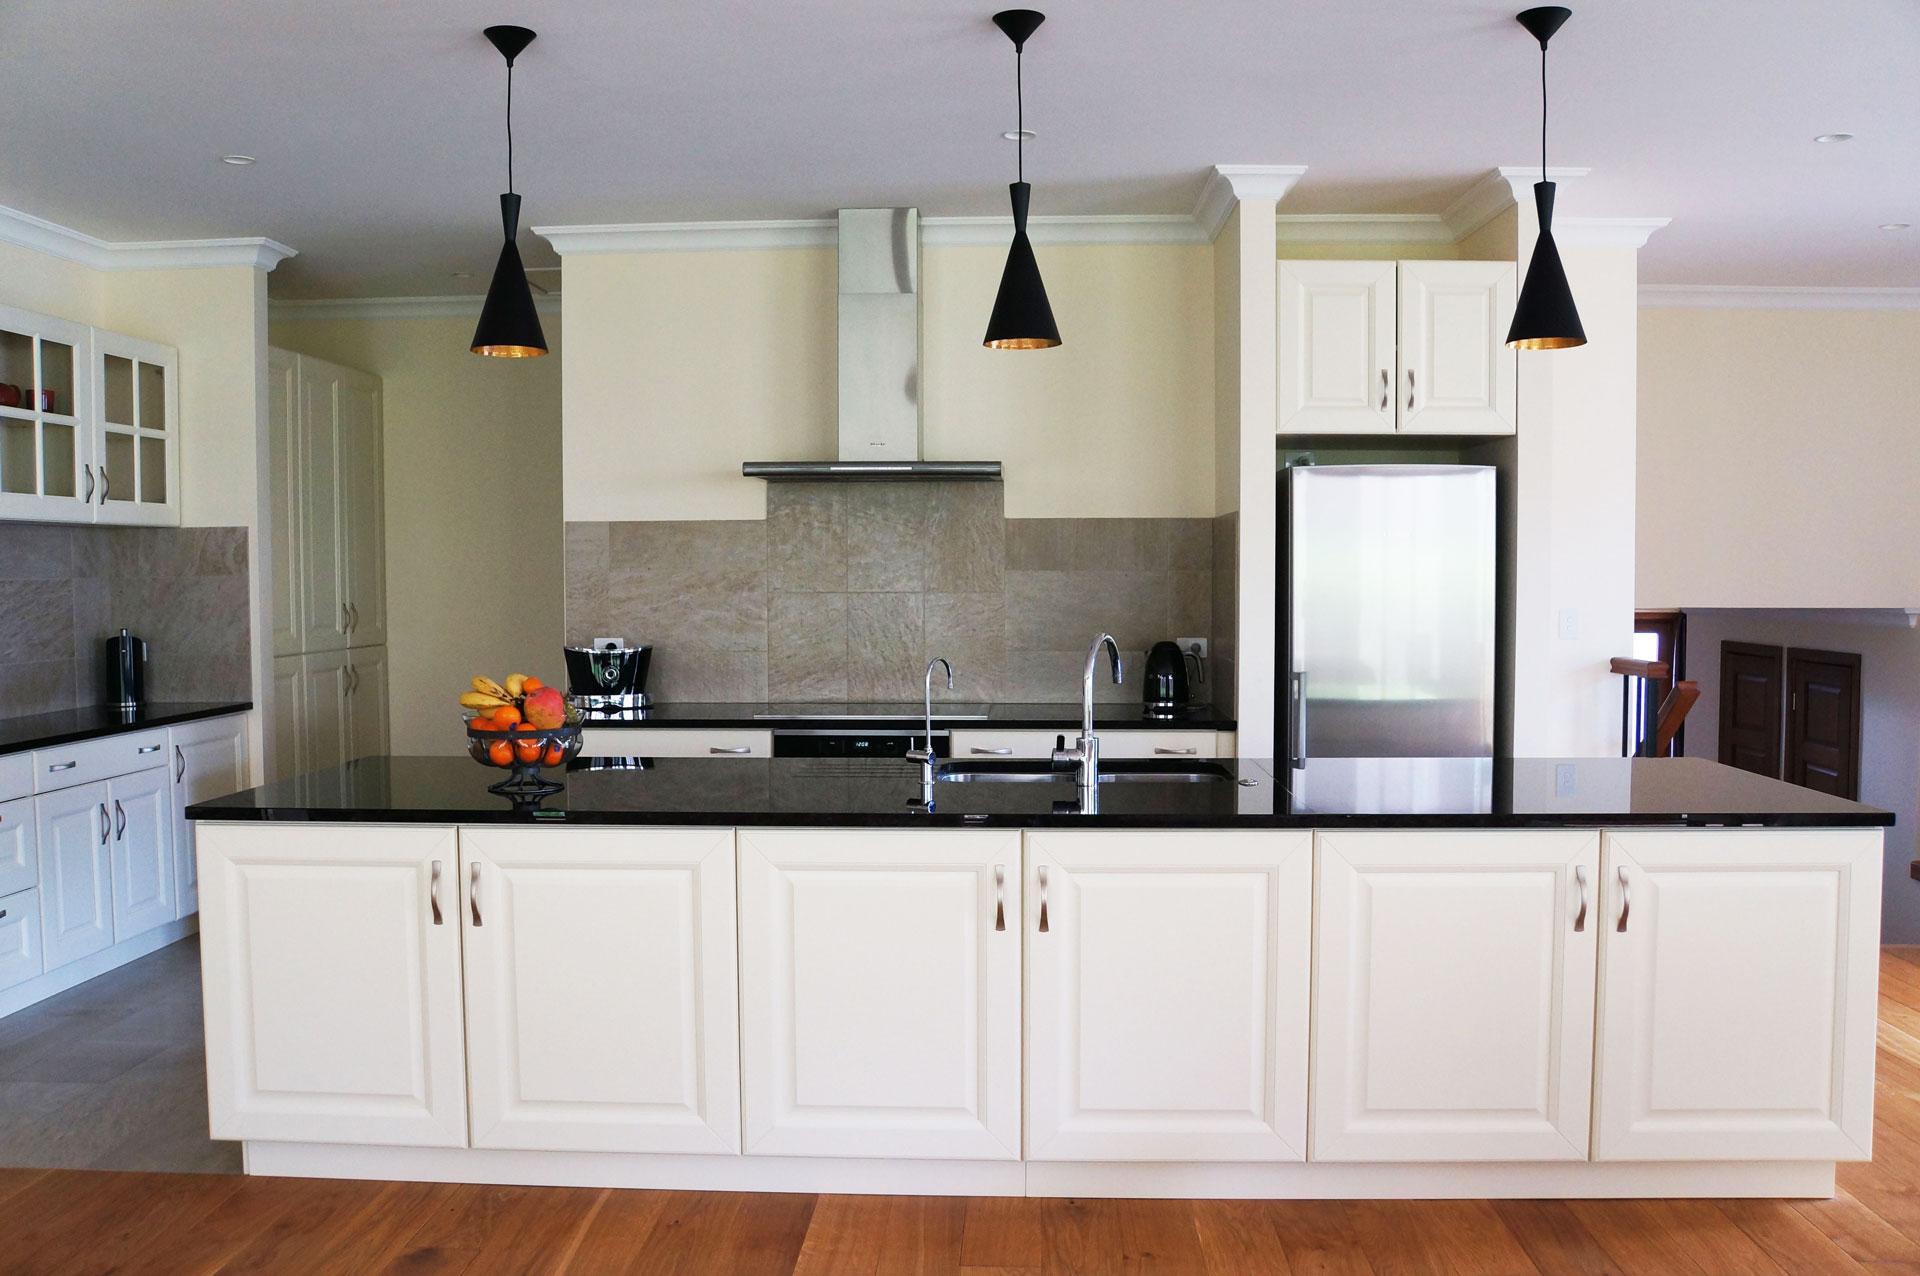 fronty frezowane, fronty kremowe, kuchnia stylowa, blaty granitowe, czarne blaty